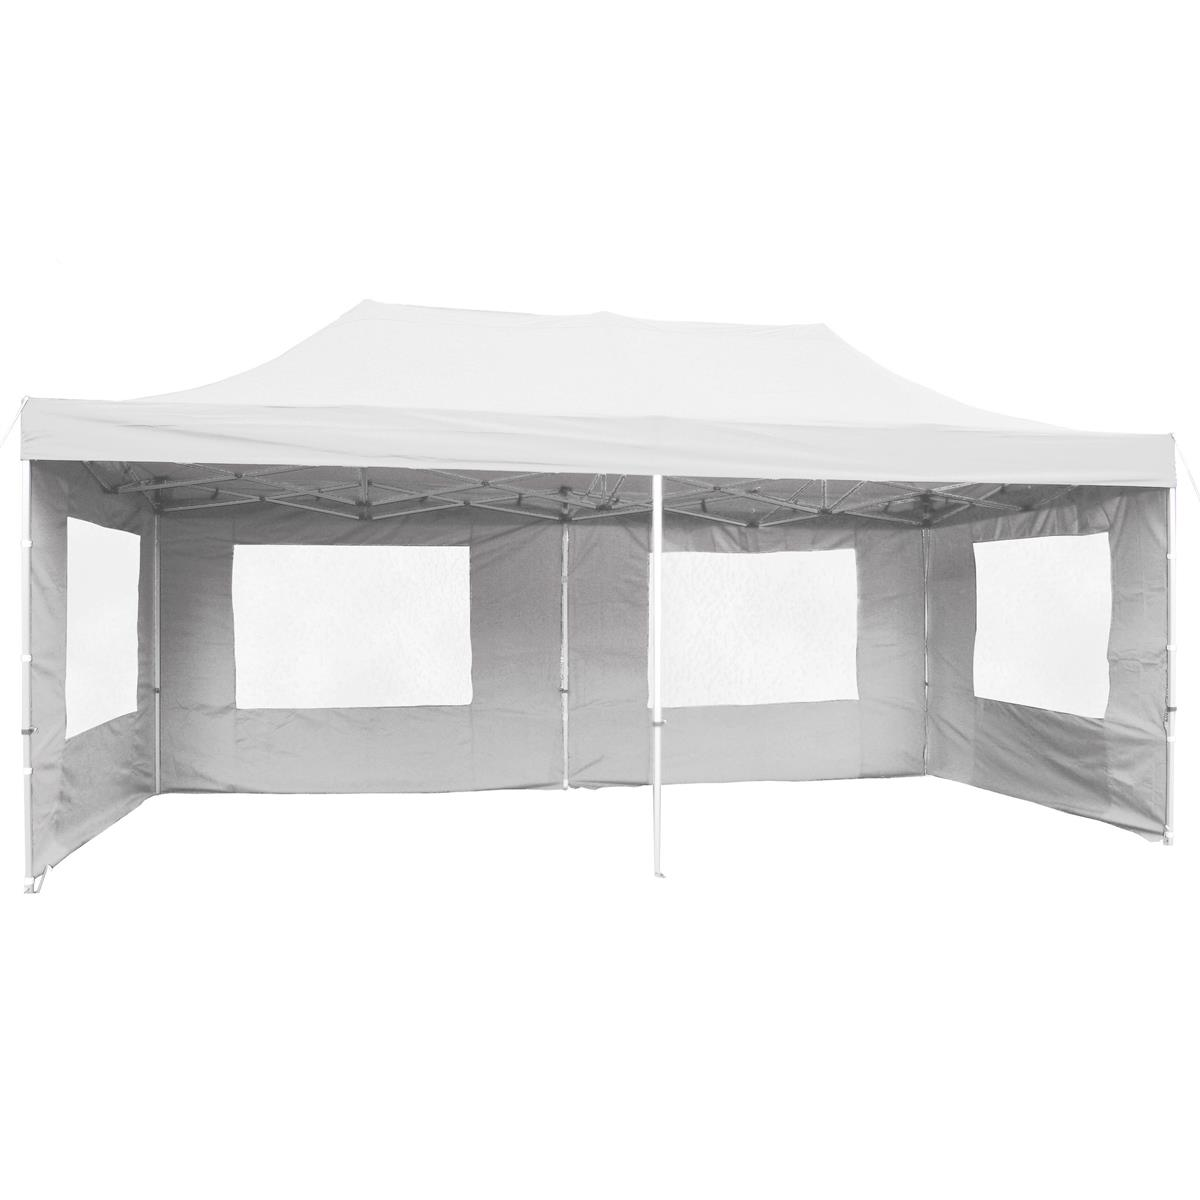 PROFI Faltpavillon Partyzelt 3x6 m weiß mit Seitenteilen wasserdichtes Dach